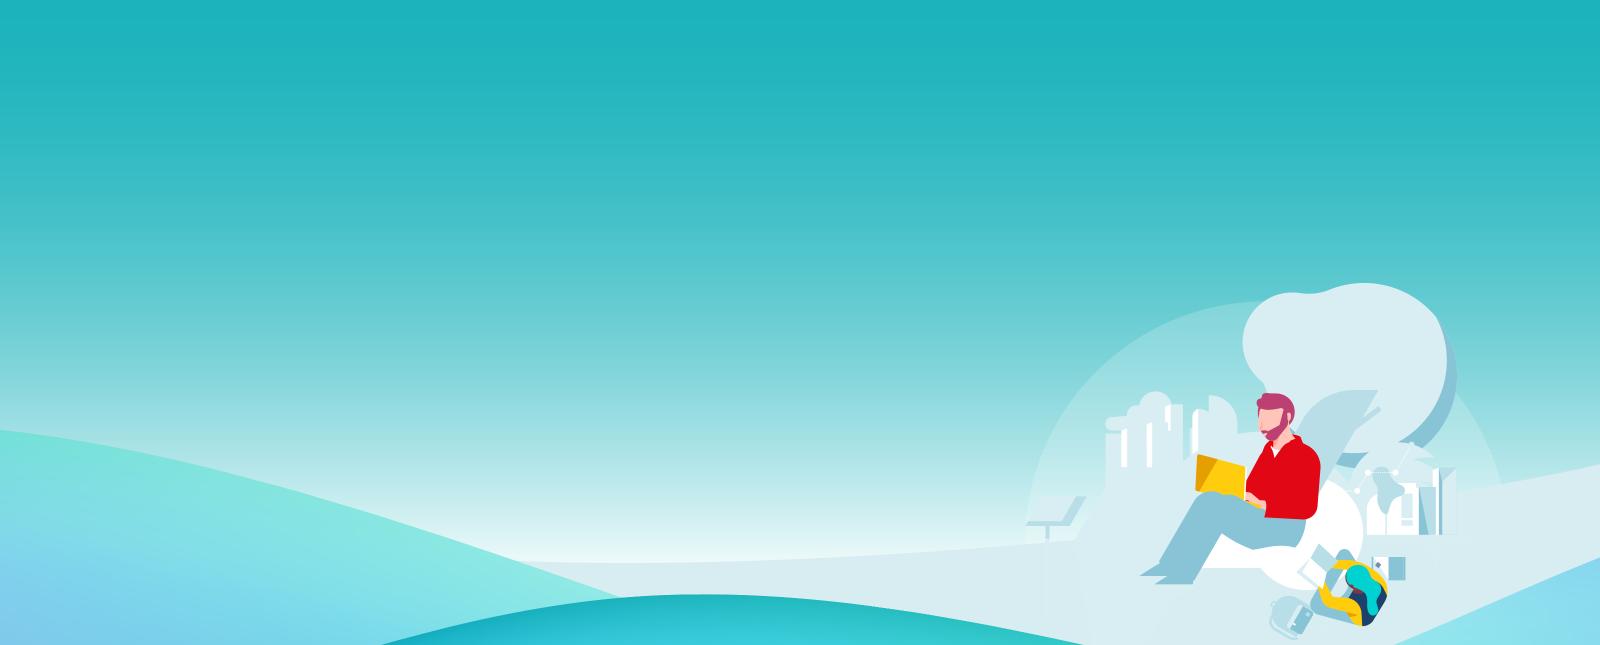 IC Santander Microsite Banner